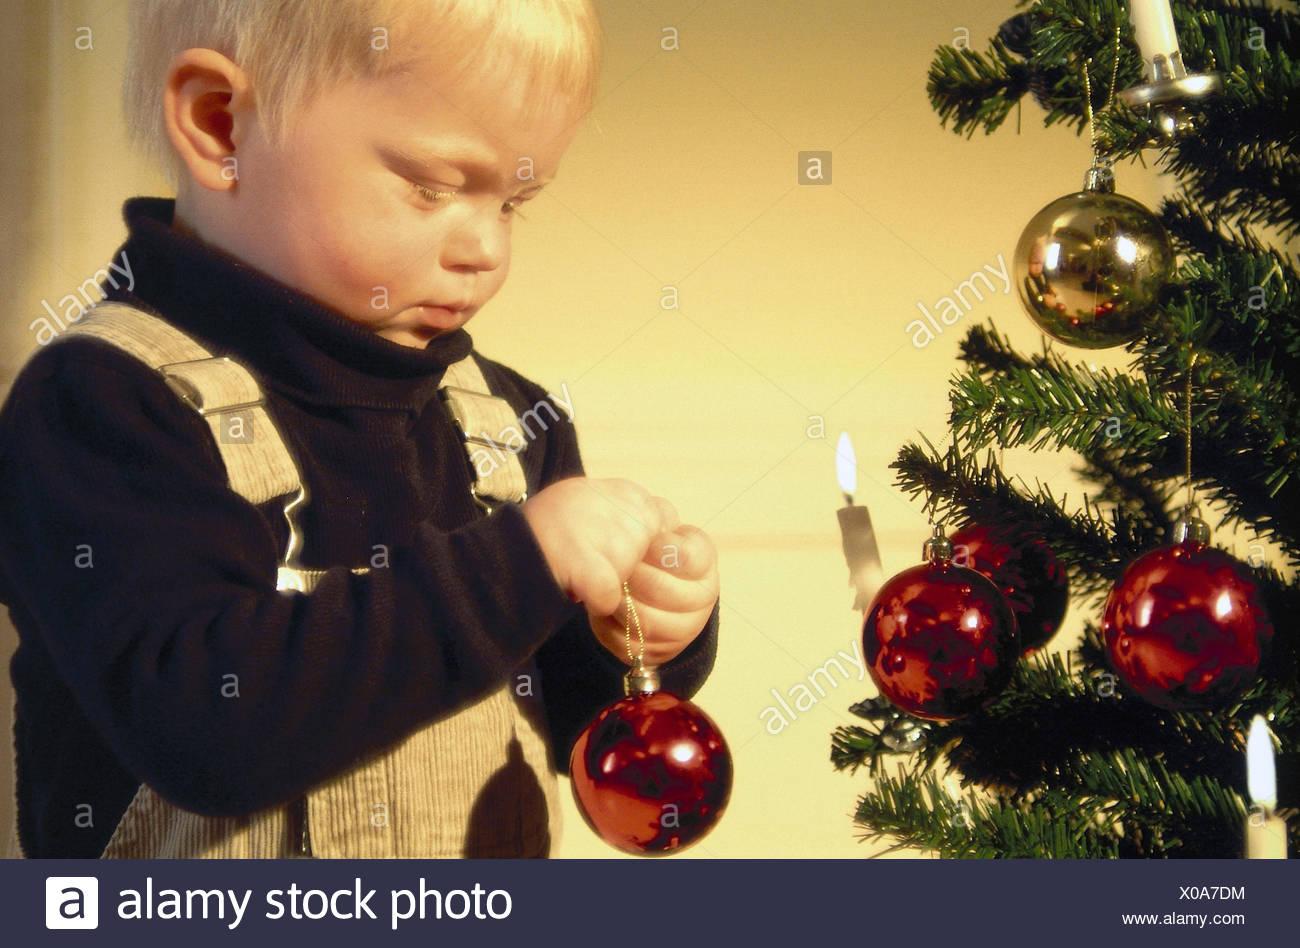 Weihnachtsbaum Dekorieren.Weihnachtsbaum Kerzen Junge Weihnachten Baum Kugel Halbe Porträt